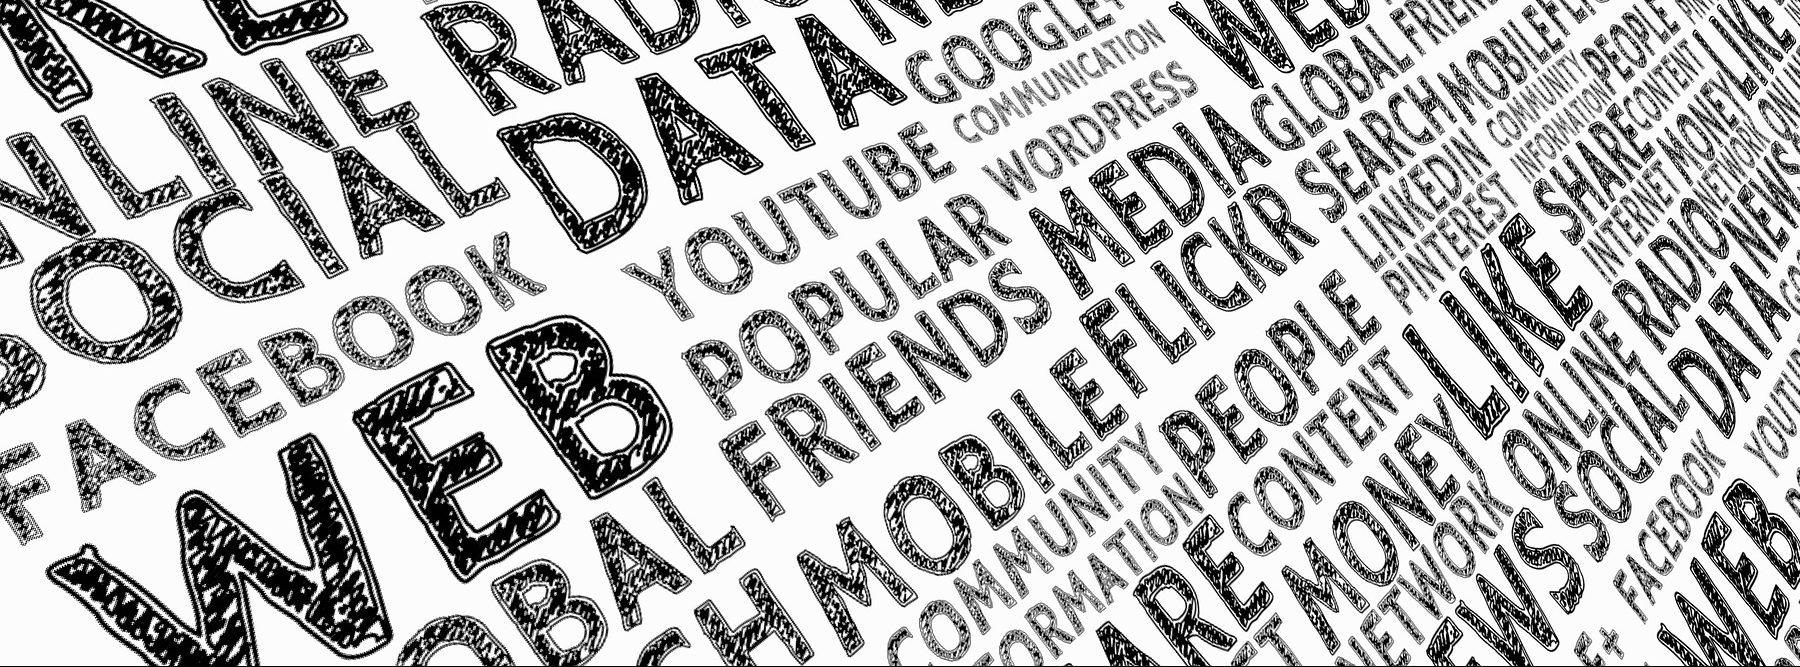 ¿Qué hacemos cuando navegamos en Internet?